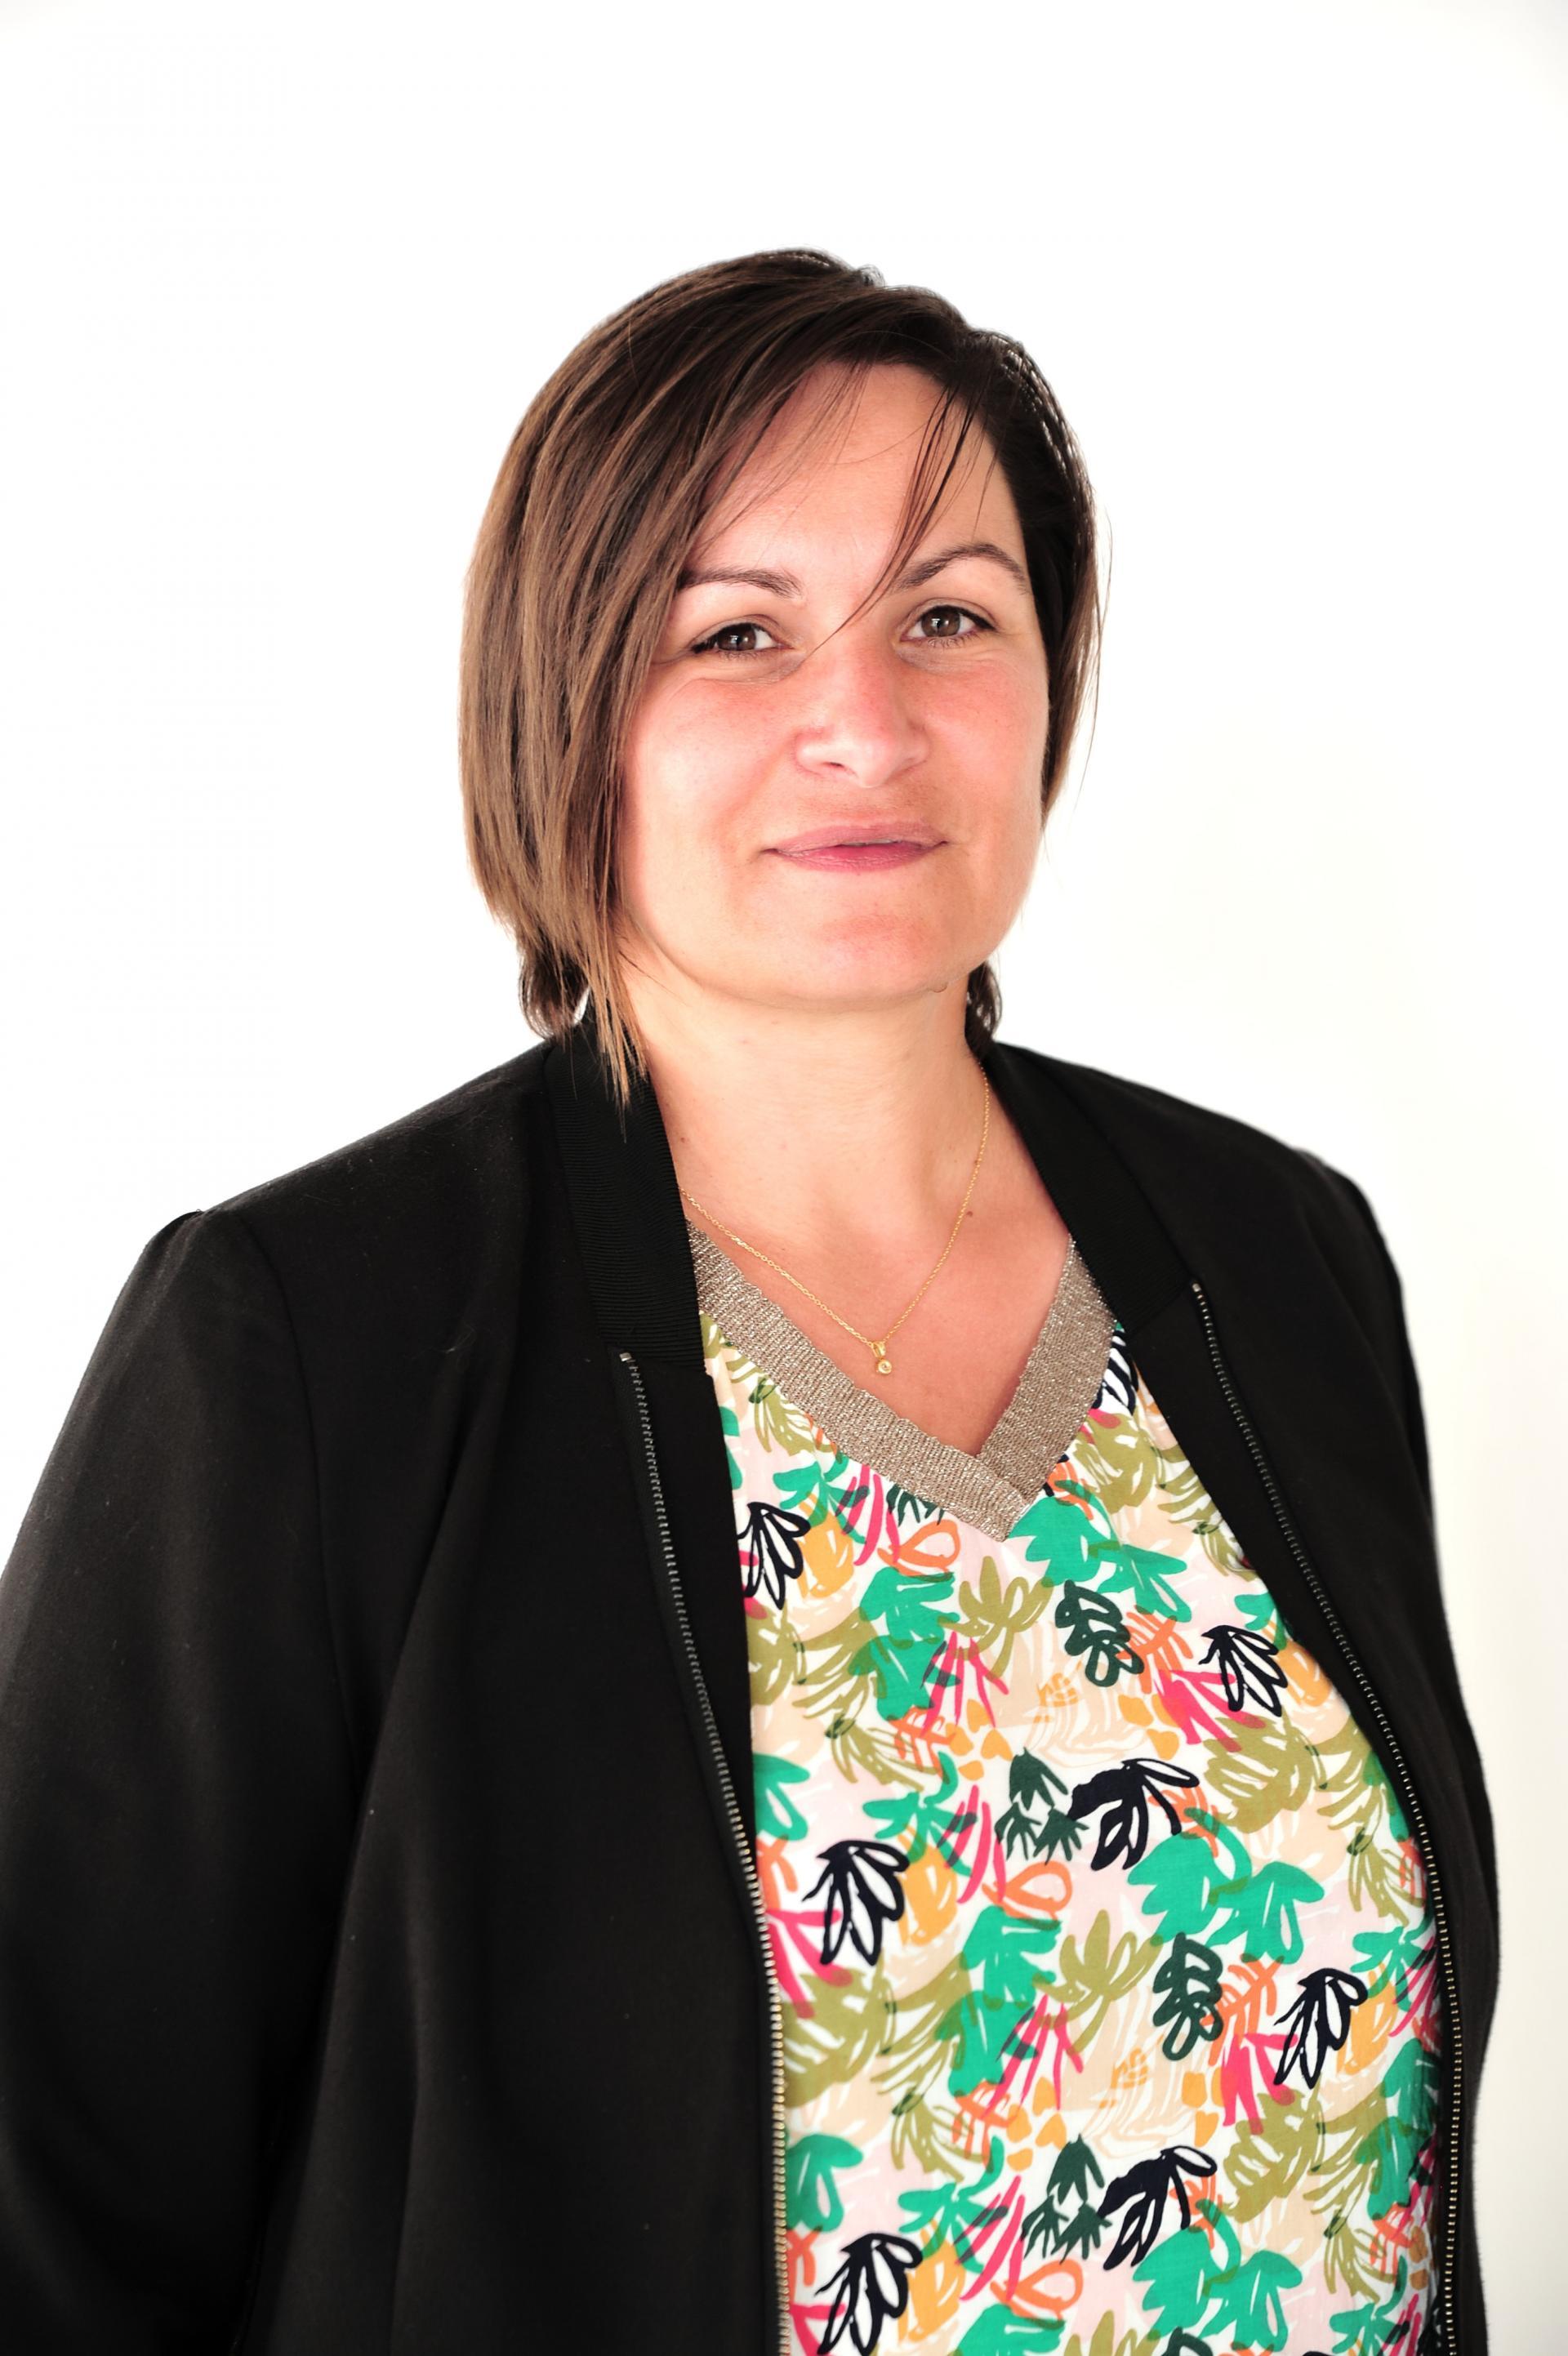 Sabrina Chaborel